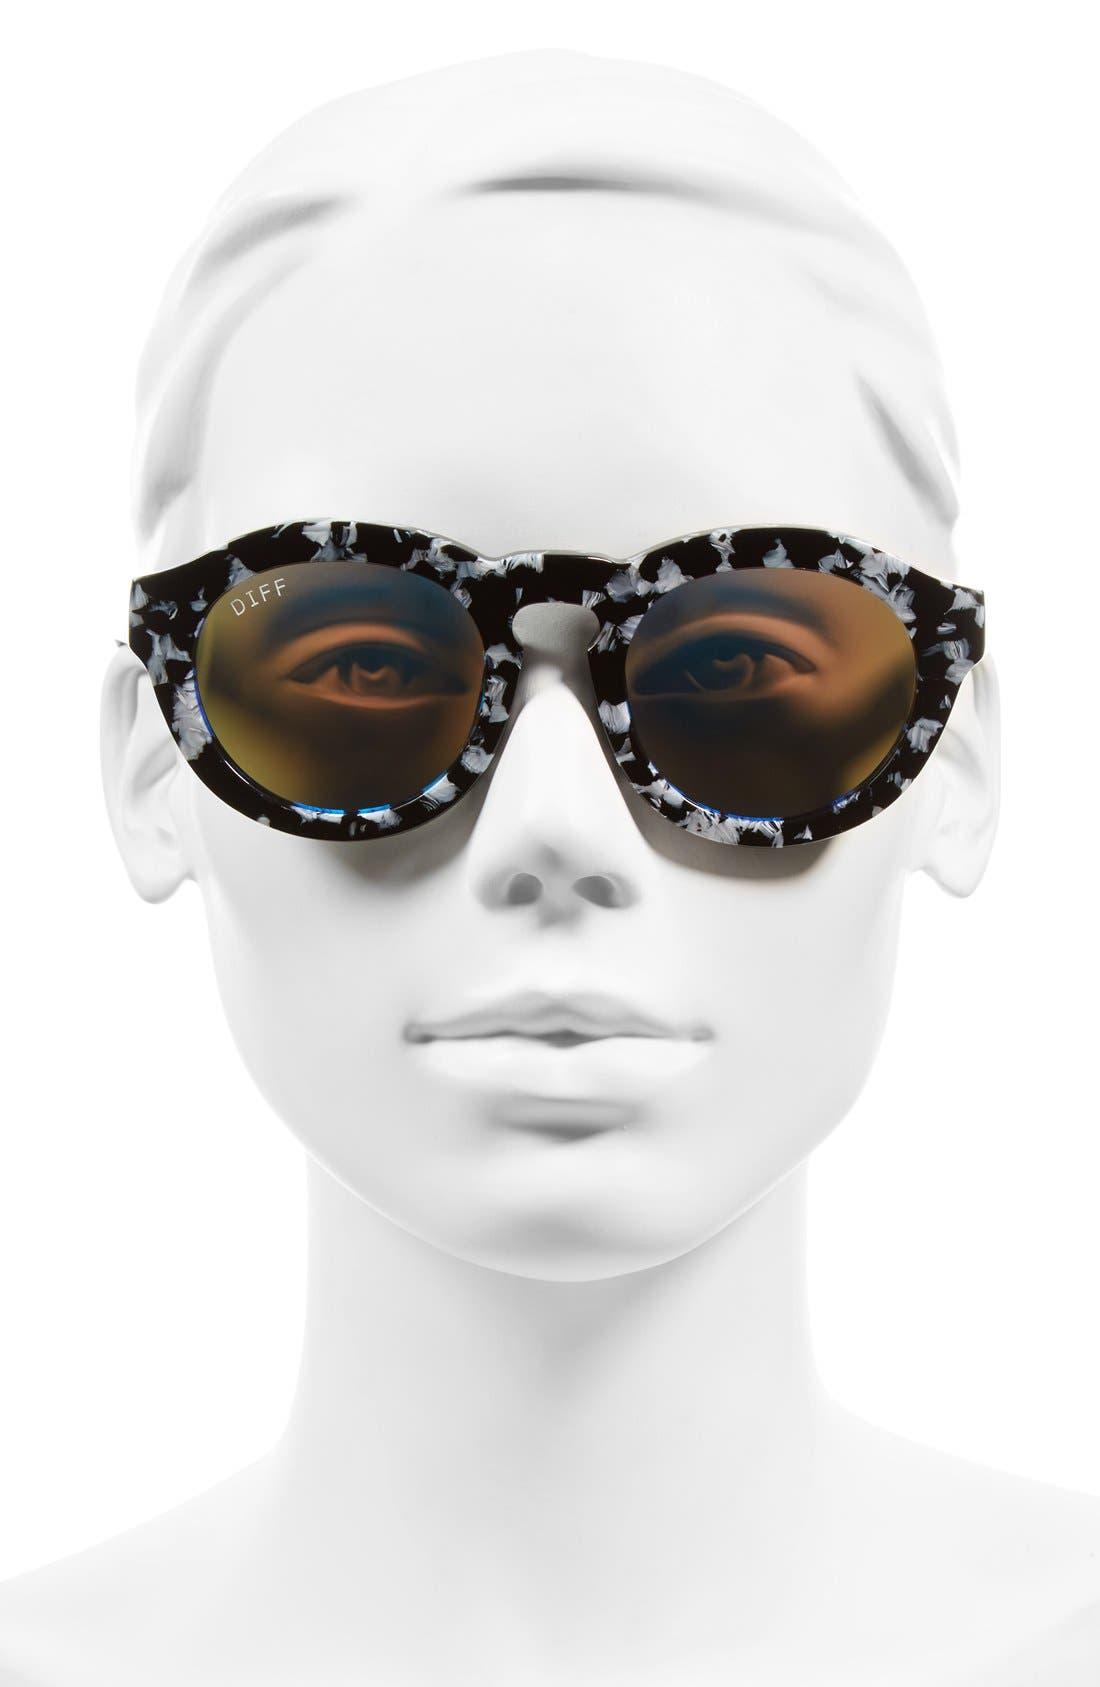 Dime 48mm Retro Sunglasses,                             Alternate thumbnail 2, color,                             Black White/ Blue